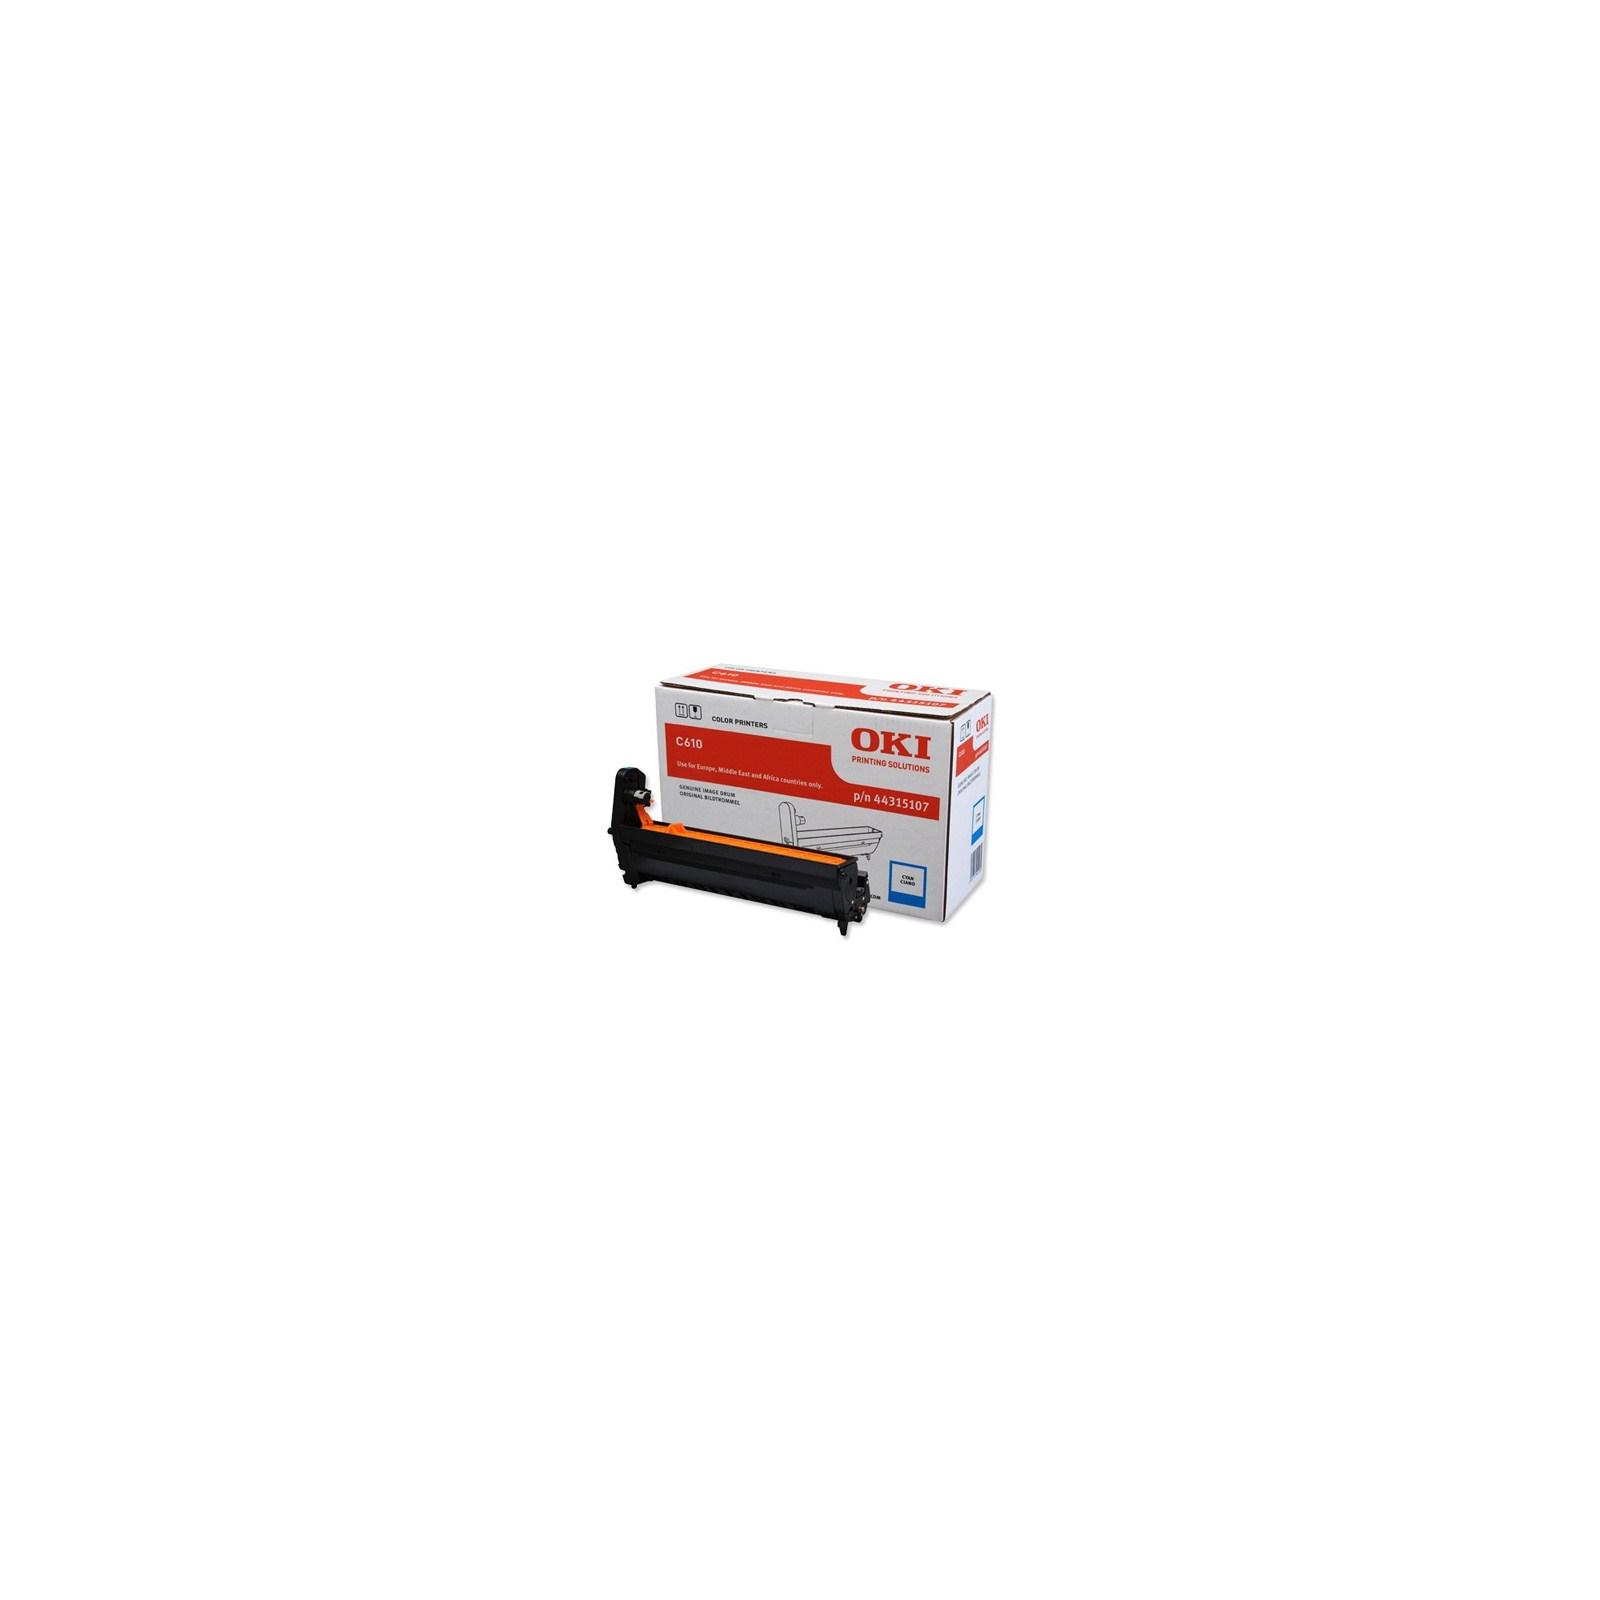 Фотокондуктор OKI C610 Cyan (44315107)